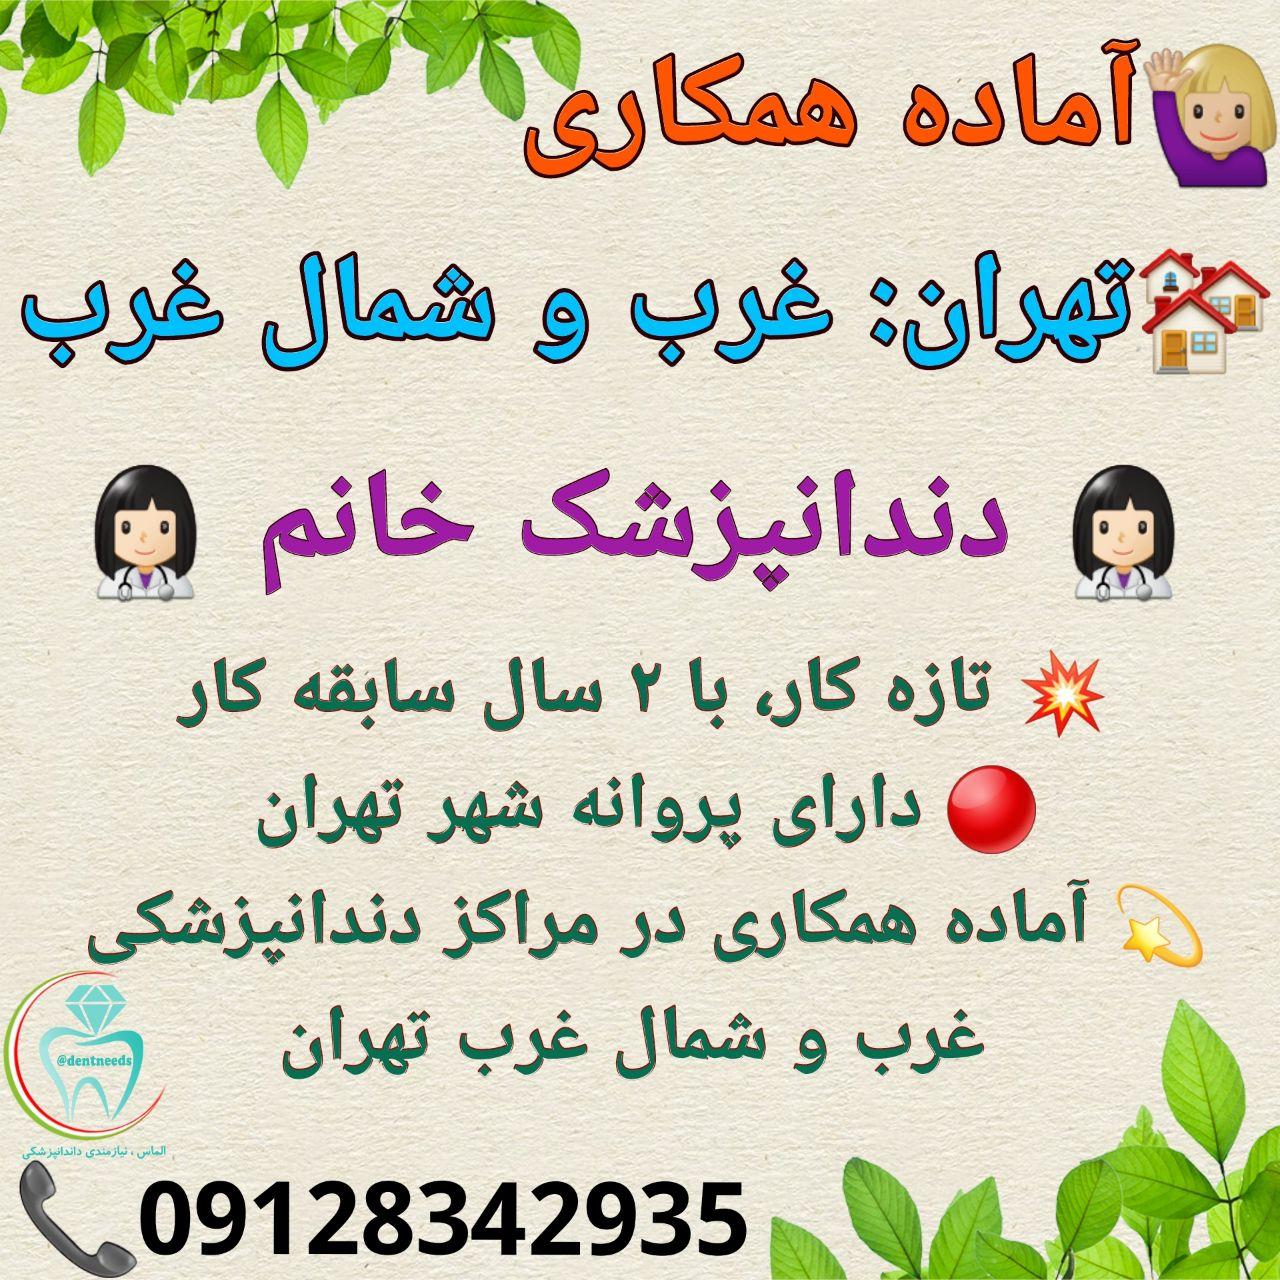 آماده همکاری تهران: غرب و شمال غرب، دندانپزشک خانم